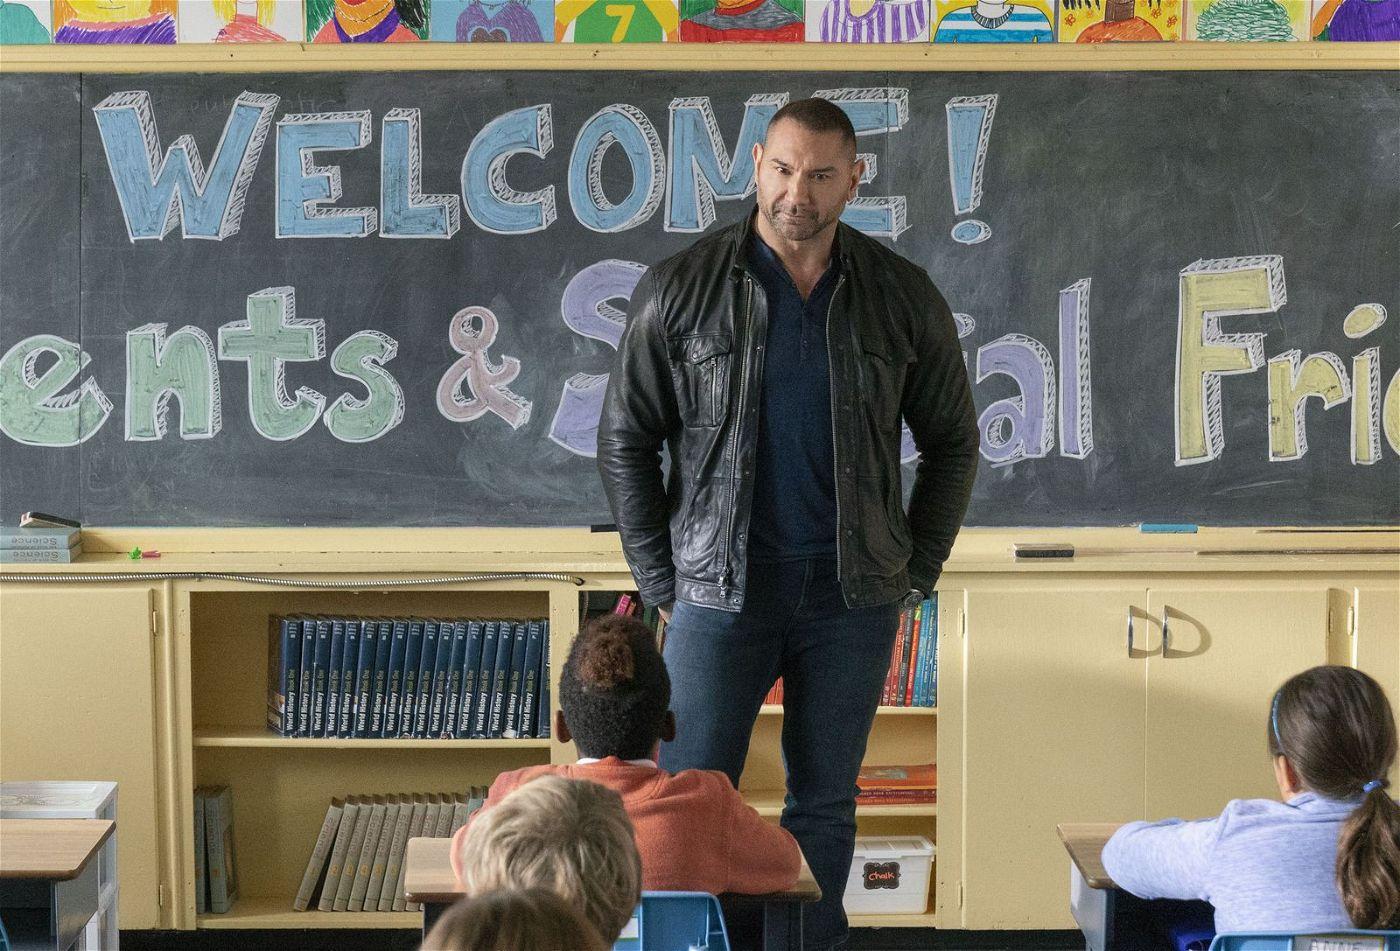 Im Zuge eines Einsatzes verschlägt es JJ (Dave Bautista) zurück an die Schule.